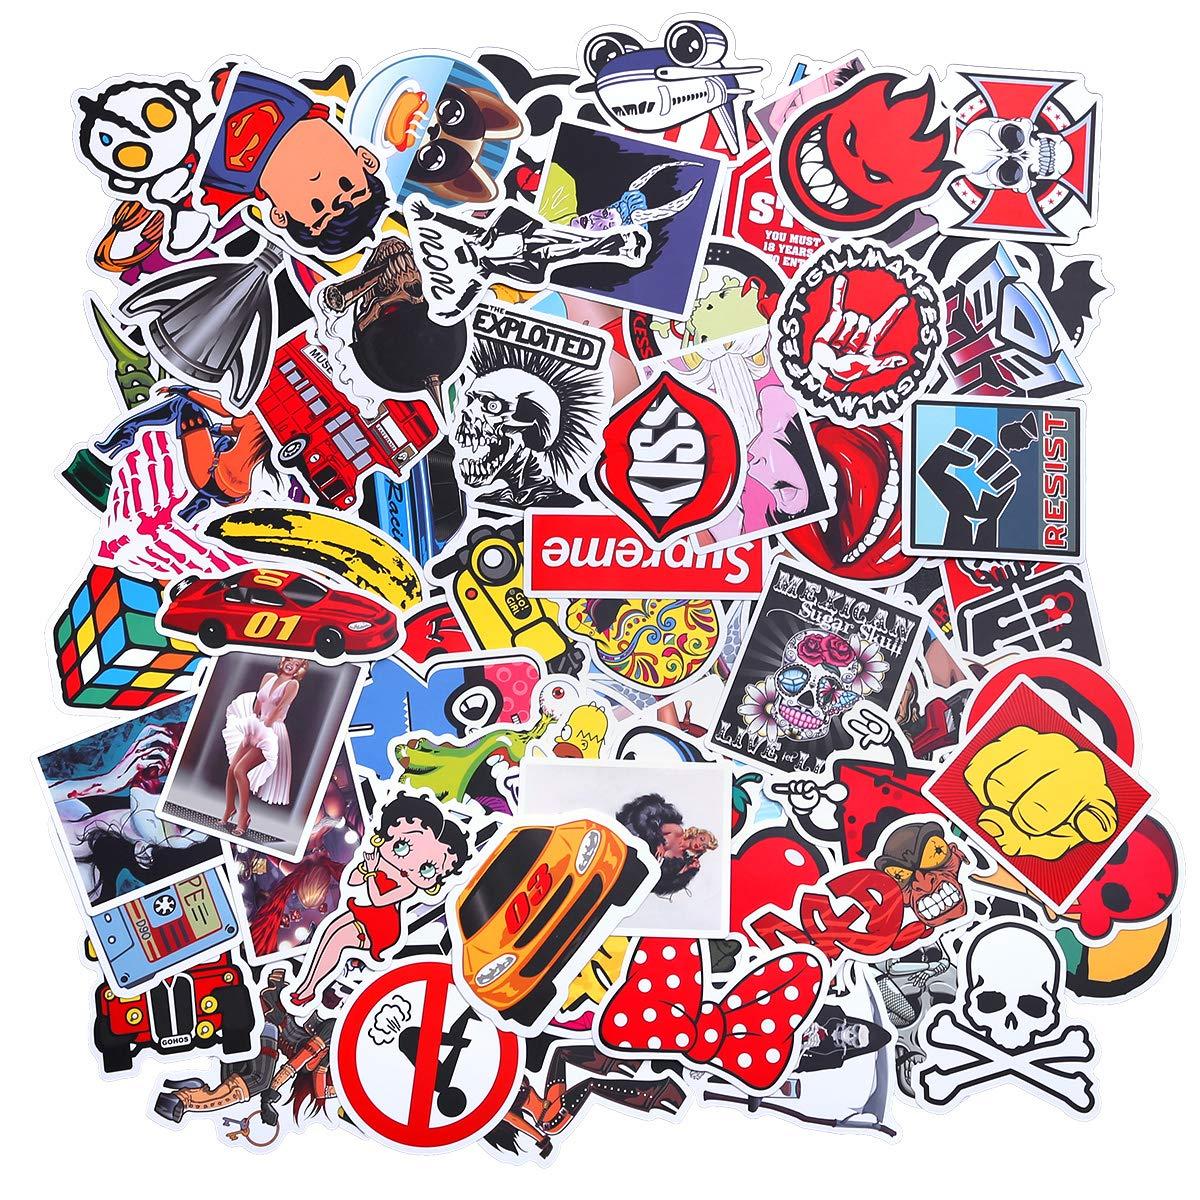 Valigia Skateboard Laptop Biciclette Auto EKKONG 100 Pezzi Kit Adesivi Adulti Vsco Stickers Tumblr Vinyl Kawaii Decals per Bambini Adolescenti Vine Moto